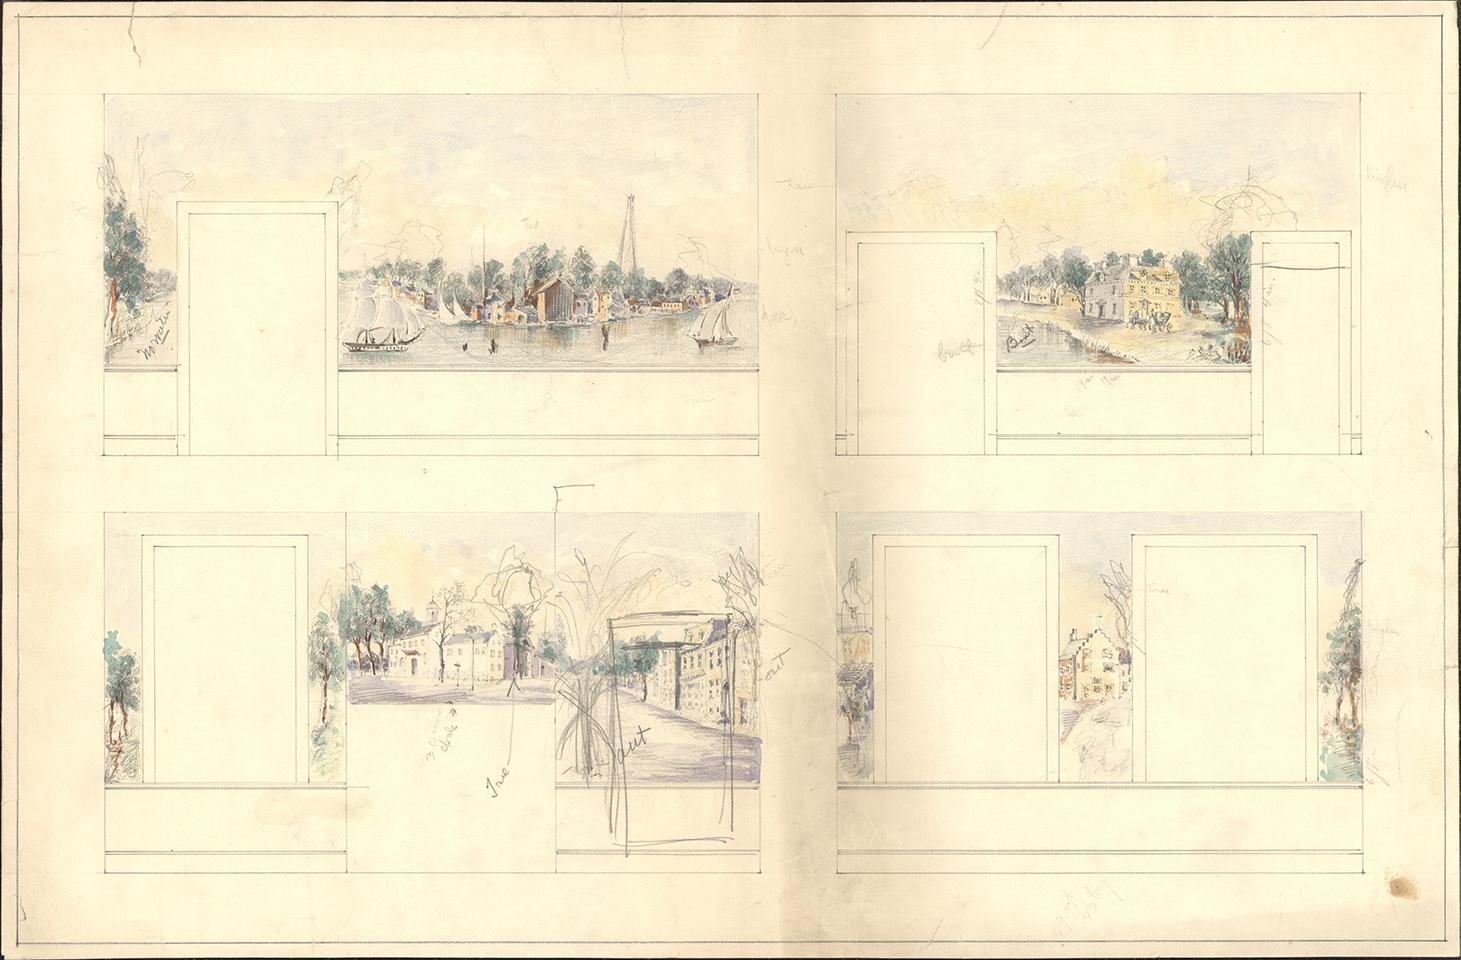 Historic sketch